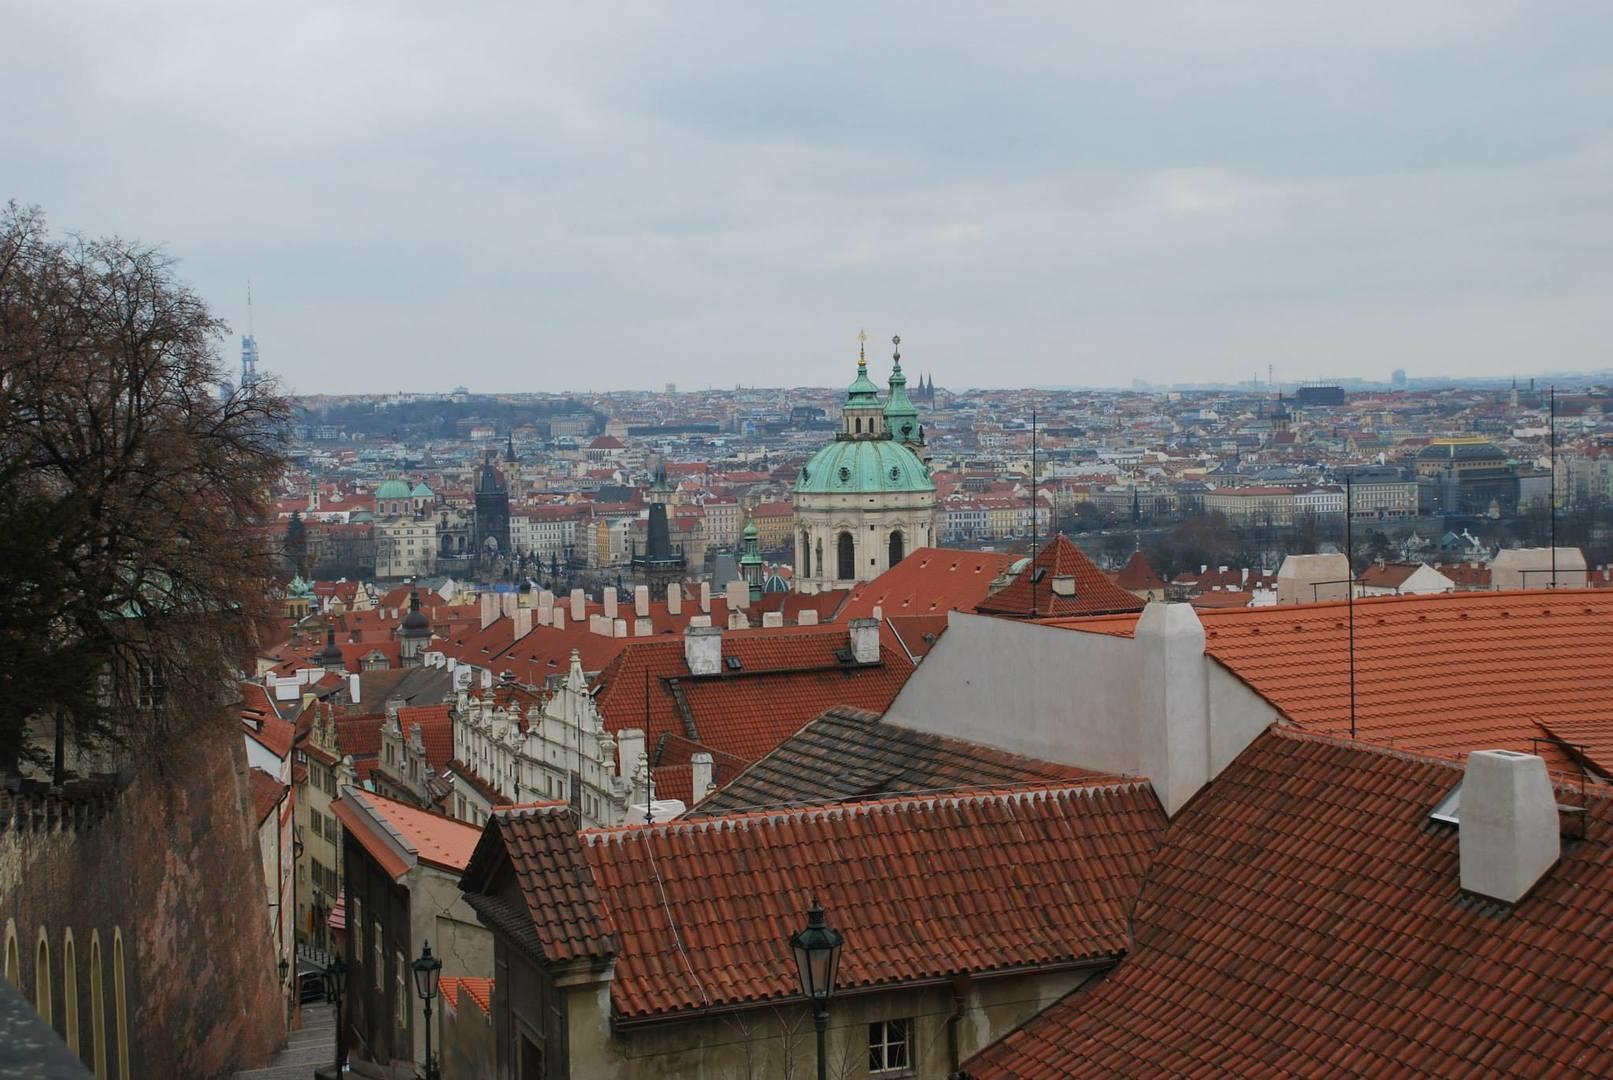 פראג עיר אלף המגדלים -נקודת התצפית היפה בעיר